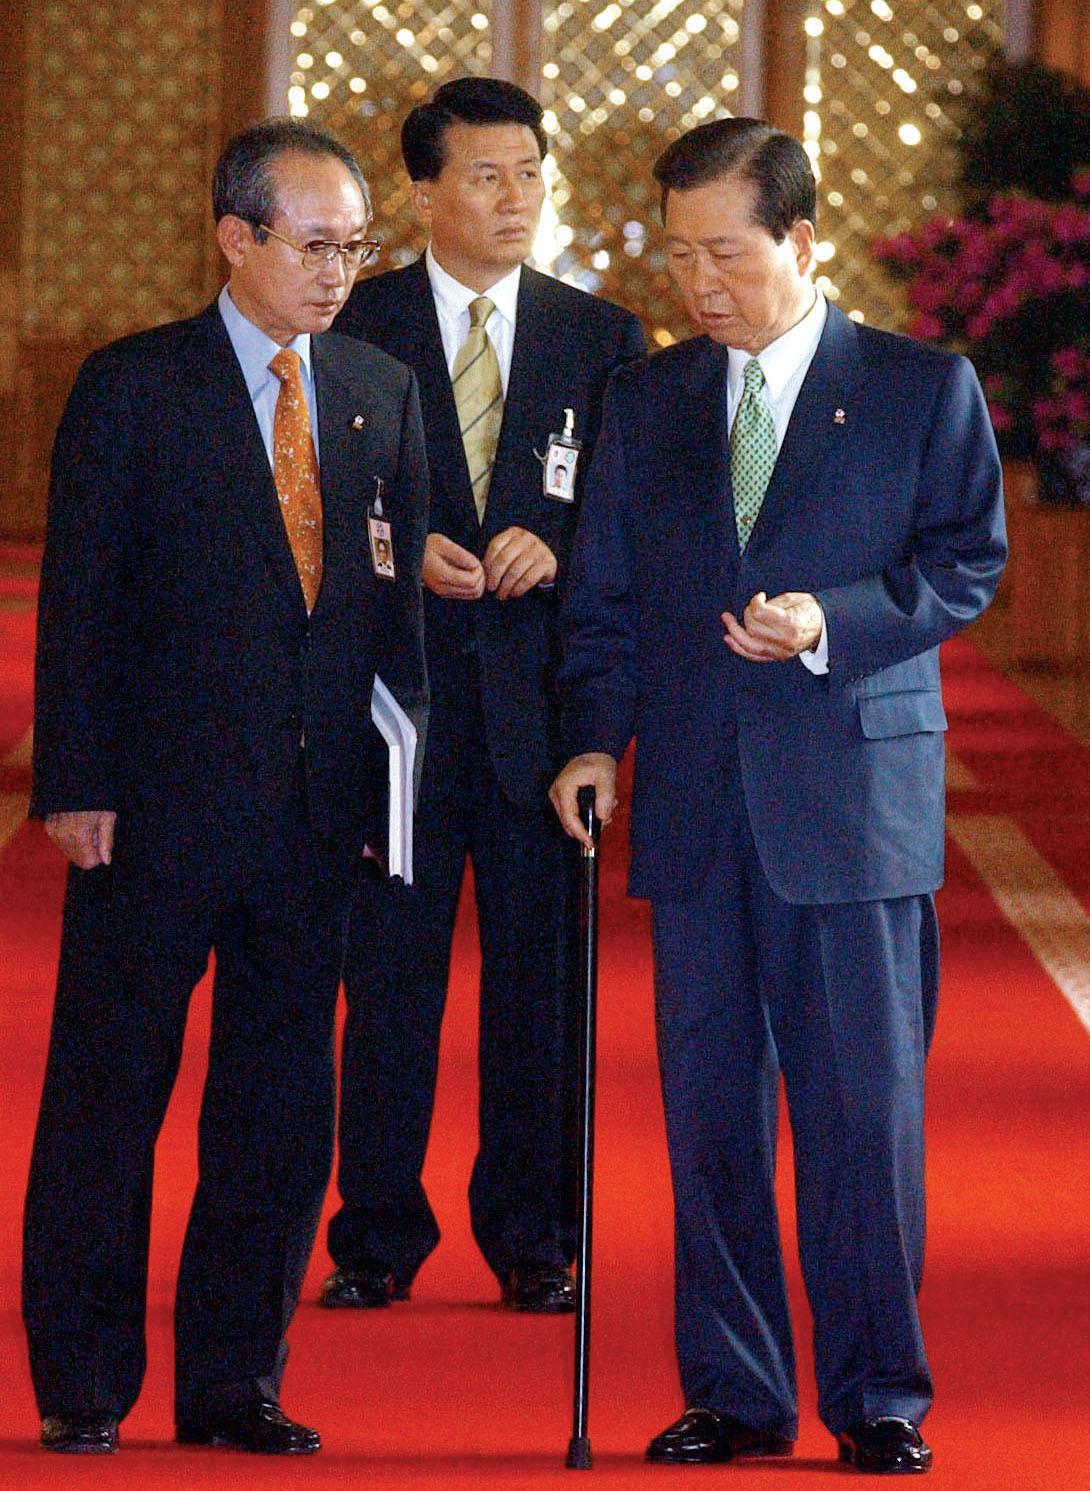 2002년 4월 김대중 대통령(오른쪽)이 청와대에서 전윤철 비서실장과 이야기를 나누며 국무회의장으로 들어서고 있다. [중앙포토]